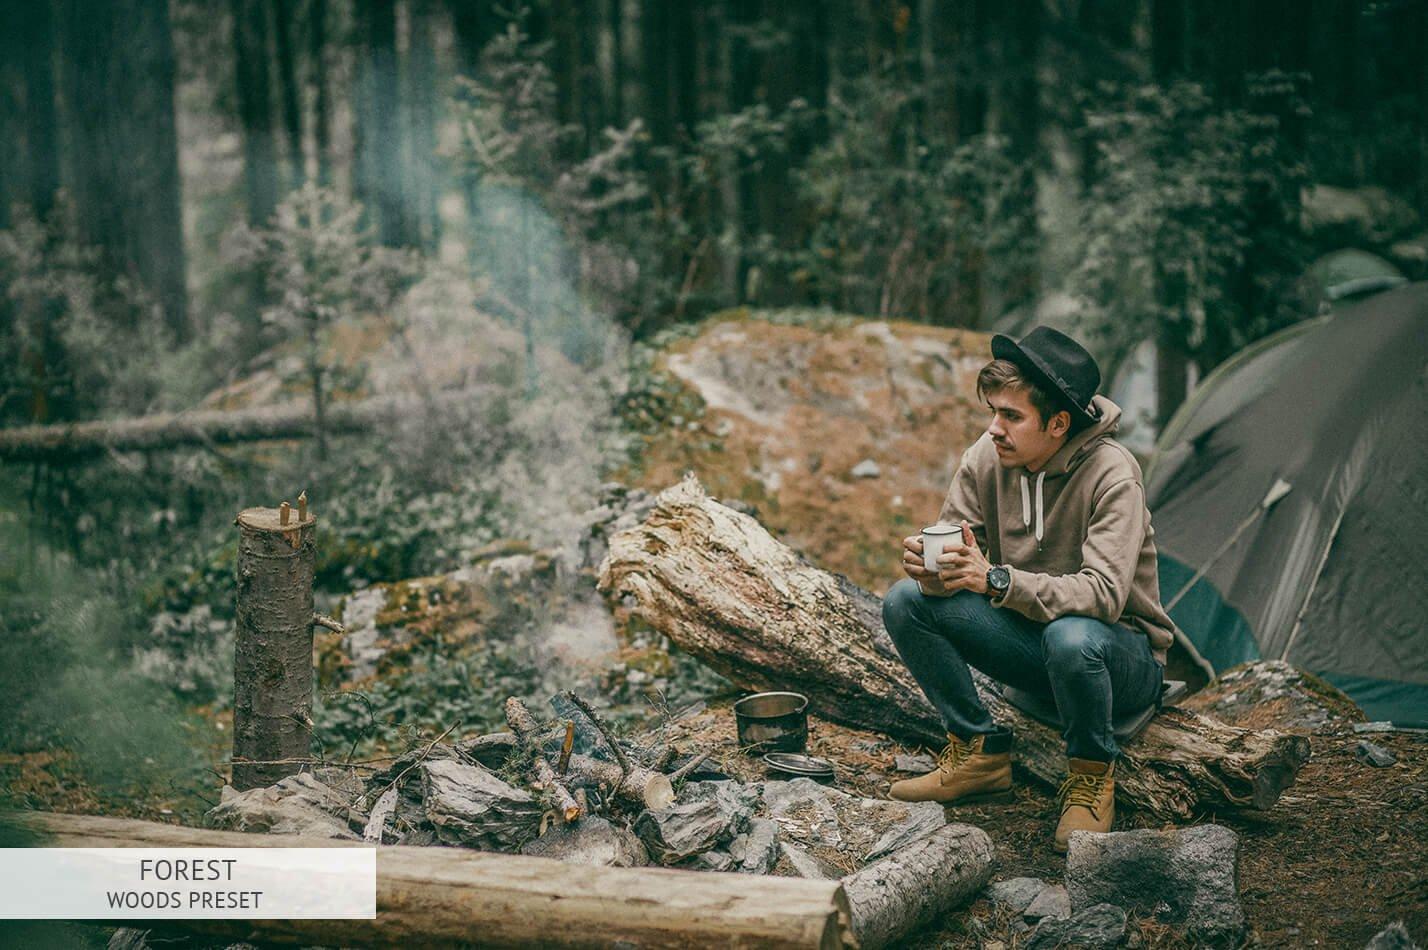 Presets Tone Màu Xanh Lá Cây Phù Hợp Với Ảnh Dã Ngoại – Forest Lightroom Presets (DNG, XMP, LR)